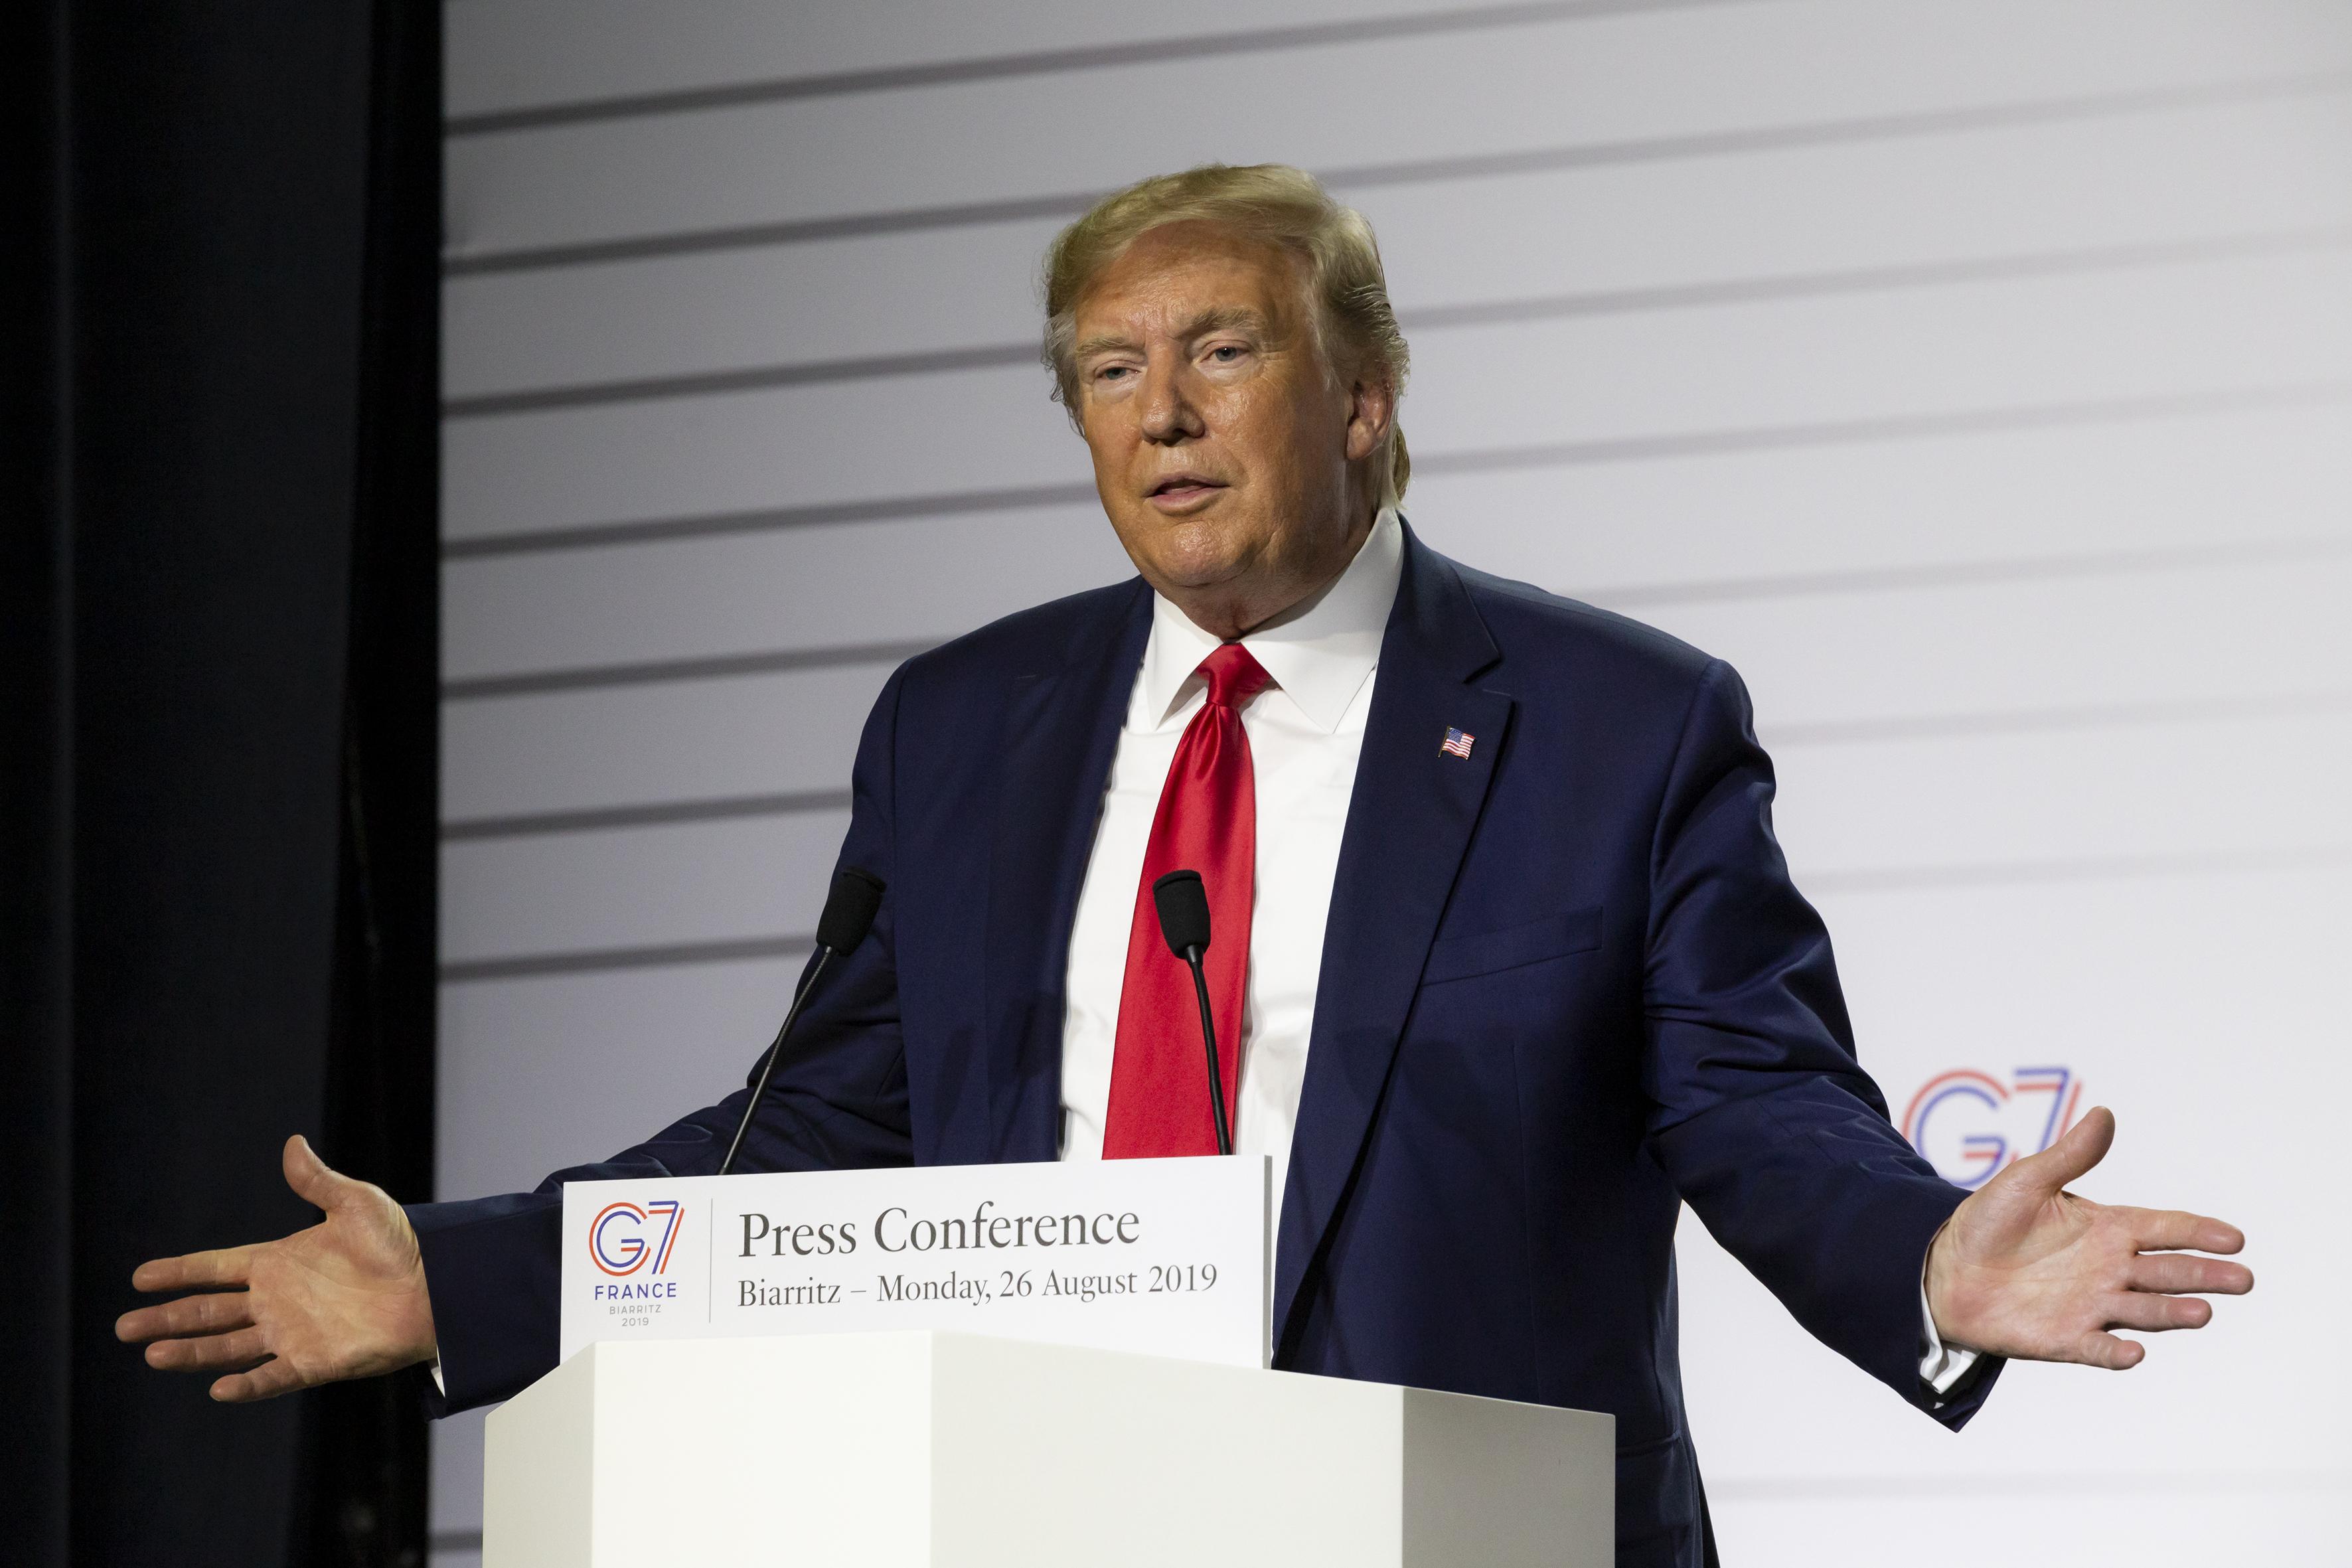 Donald Trump at G7